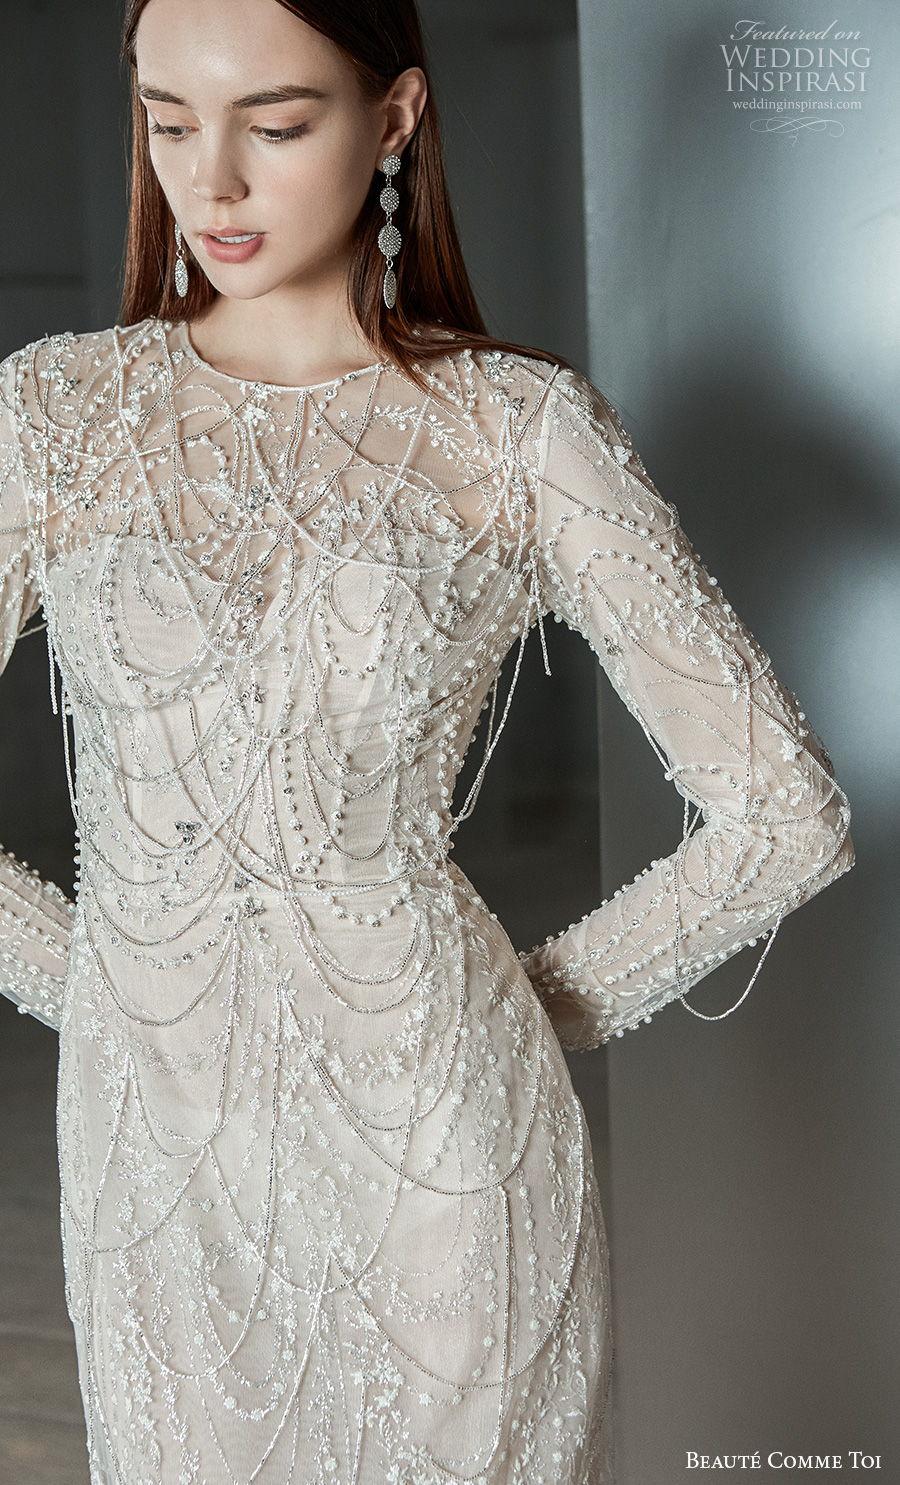 beaute comme toi 2021 bridal long sleeves jewel neckline full embellishment glamorous elegant sheath wedding dress embellished back sweep train (clarice) zv mv